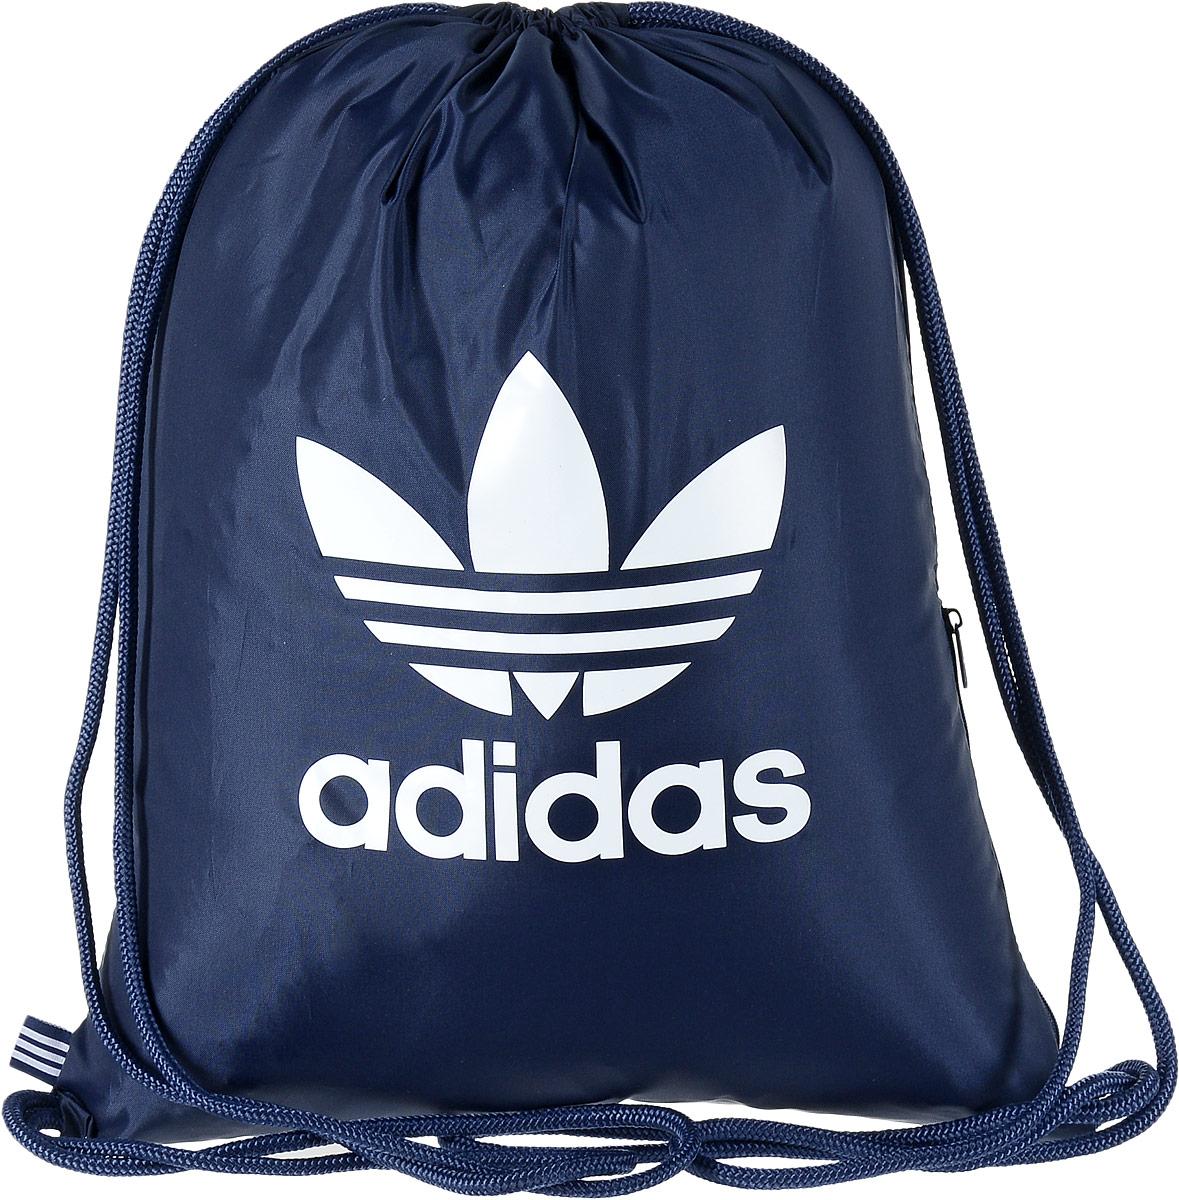 Рюкзак спортивный Adidas Trefoil, цвет: темно-синий, 23 л. BK67270054558 ТаймырСтильный спортивный рюкзак Adidas Trefoil выполнен из полиэстера и оформлен символикой бренда. Изделие имеет одно основное отделение, которое закрывается с помощью затягивающего шнурка. С внутренней стороны изделие оснащено удобной ручкой для переноски. Снаружи, с одной из боковых сторон находится прорезной карман на застежке-молнии. Веревочные завязки можно использовать как наплечные лямки. Стильный и функциональный рюкзак поместит все необходимое.